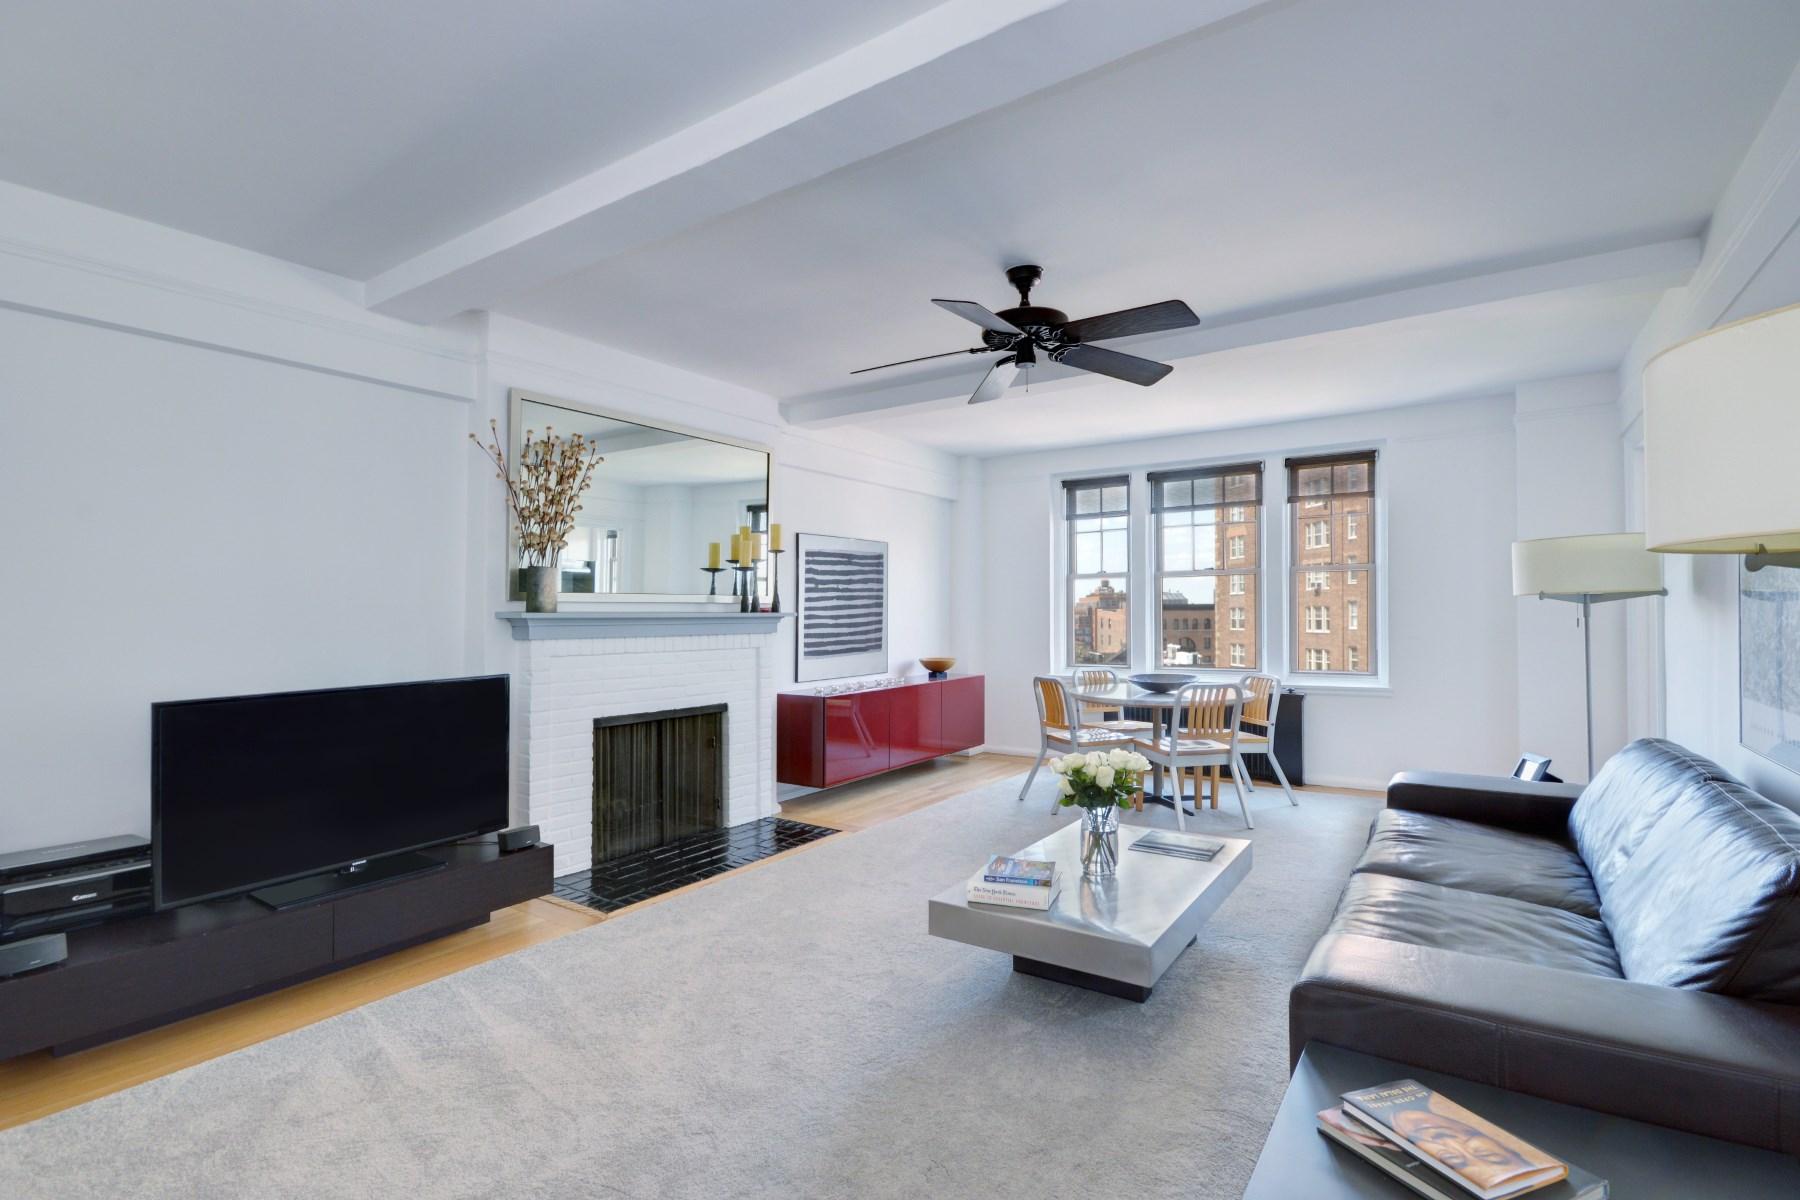 Кооперативная квартира для того Продажа на 302 West 12th Street, 10D 302 West 12th Street Apt 10d New York, Нью-Йорк 10014 Соединенные Штаты